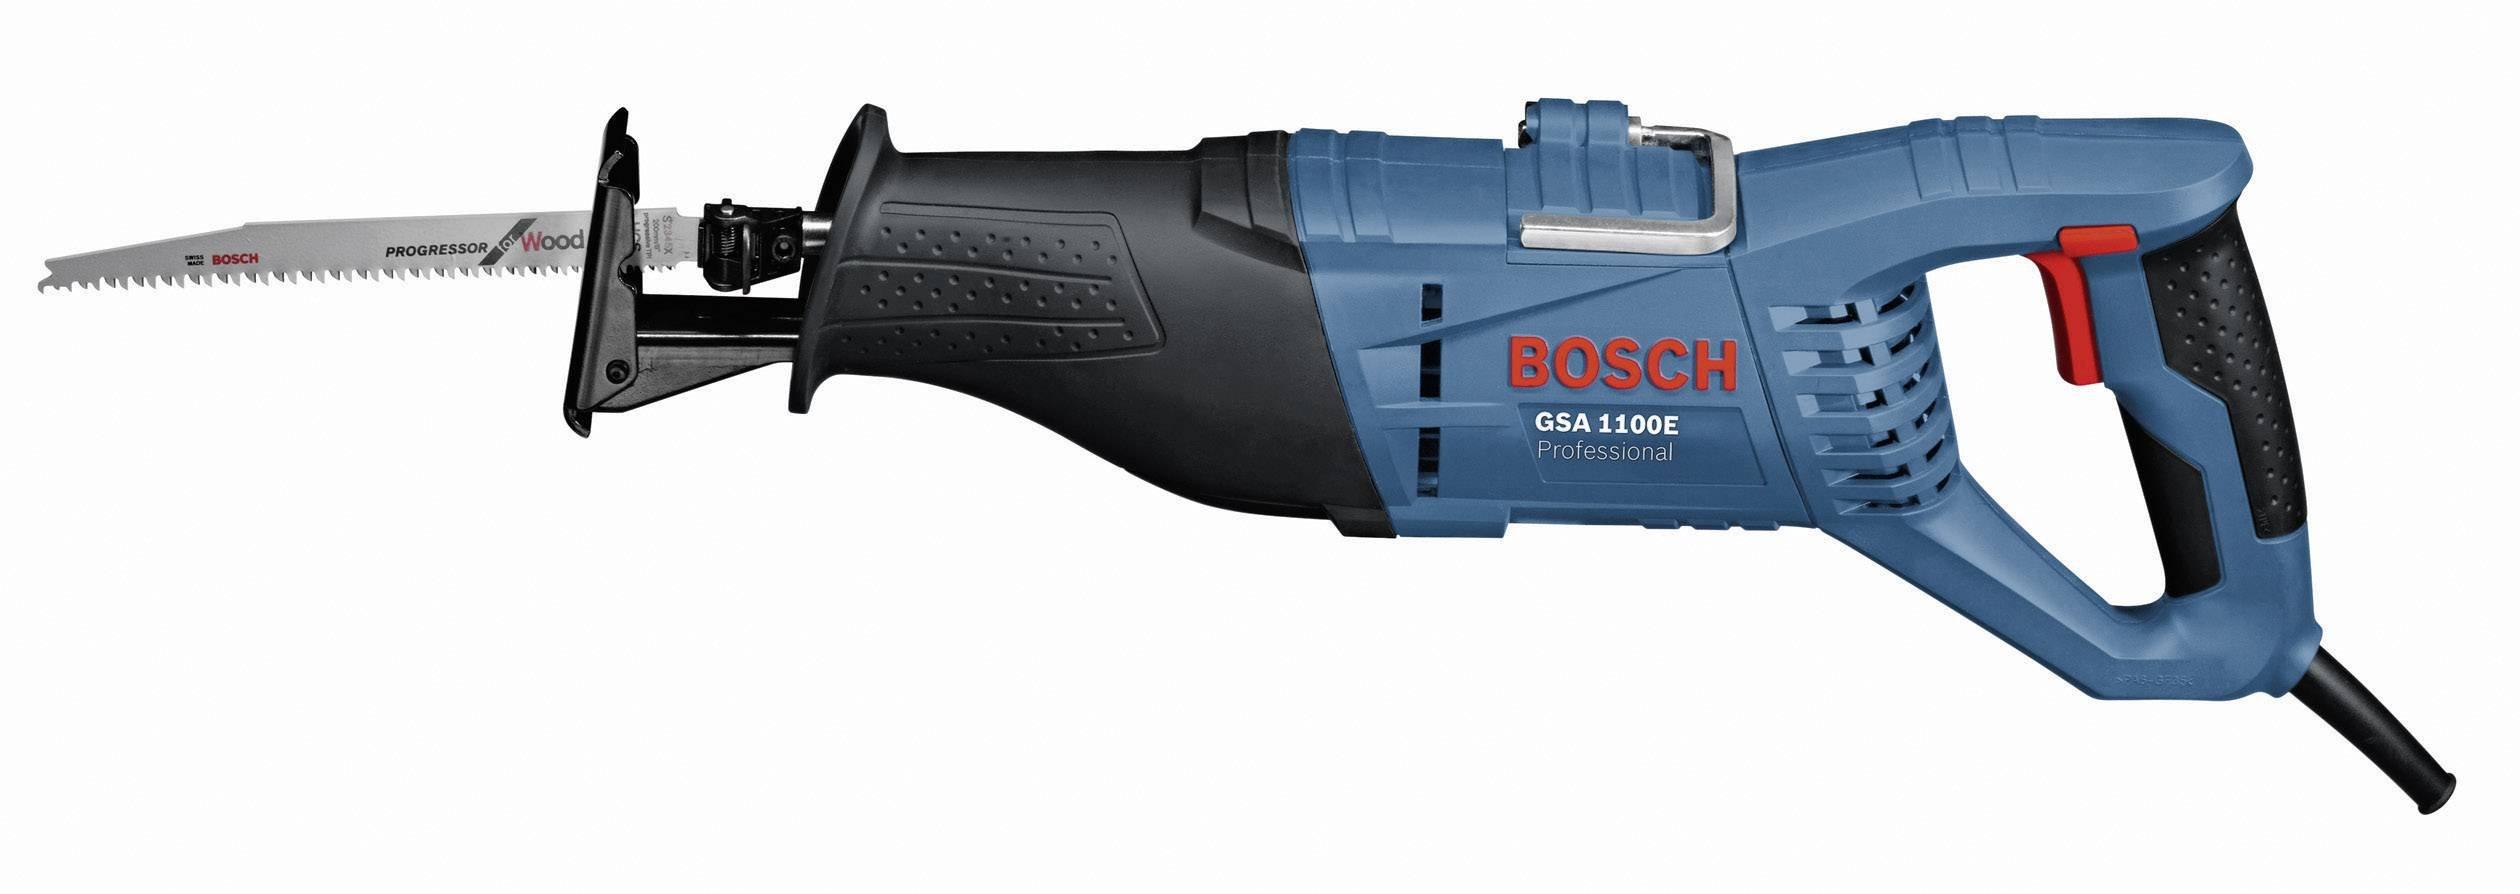 Tiesinis pjūklas BOSCH GSA 1100 E